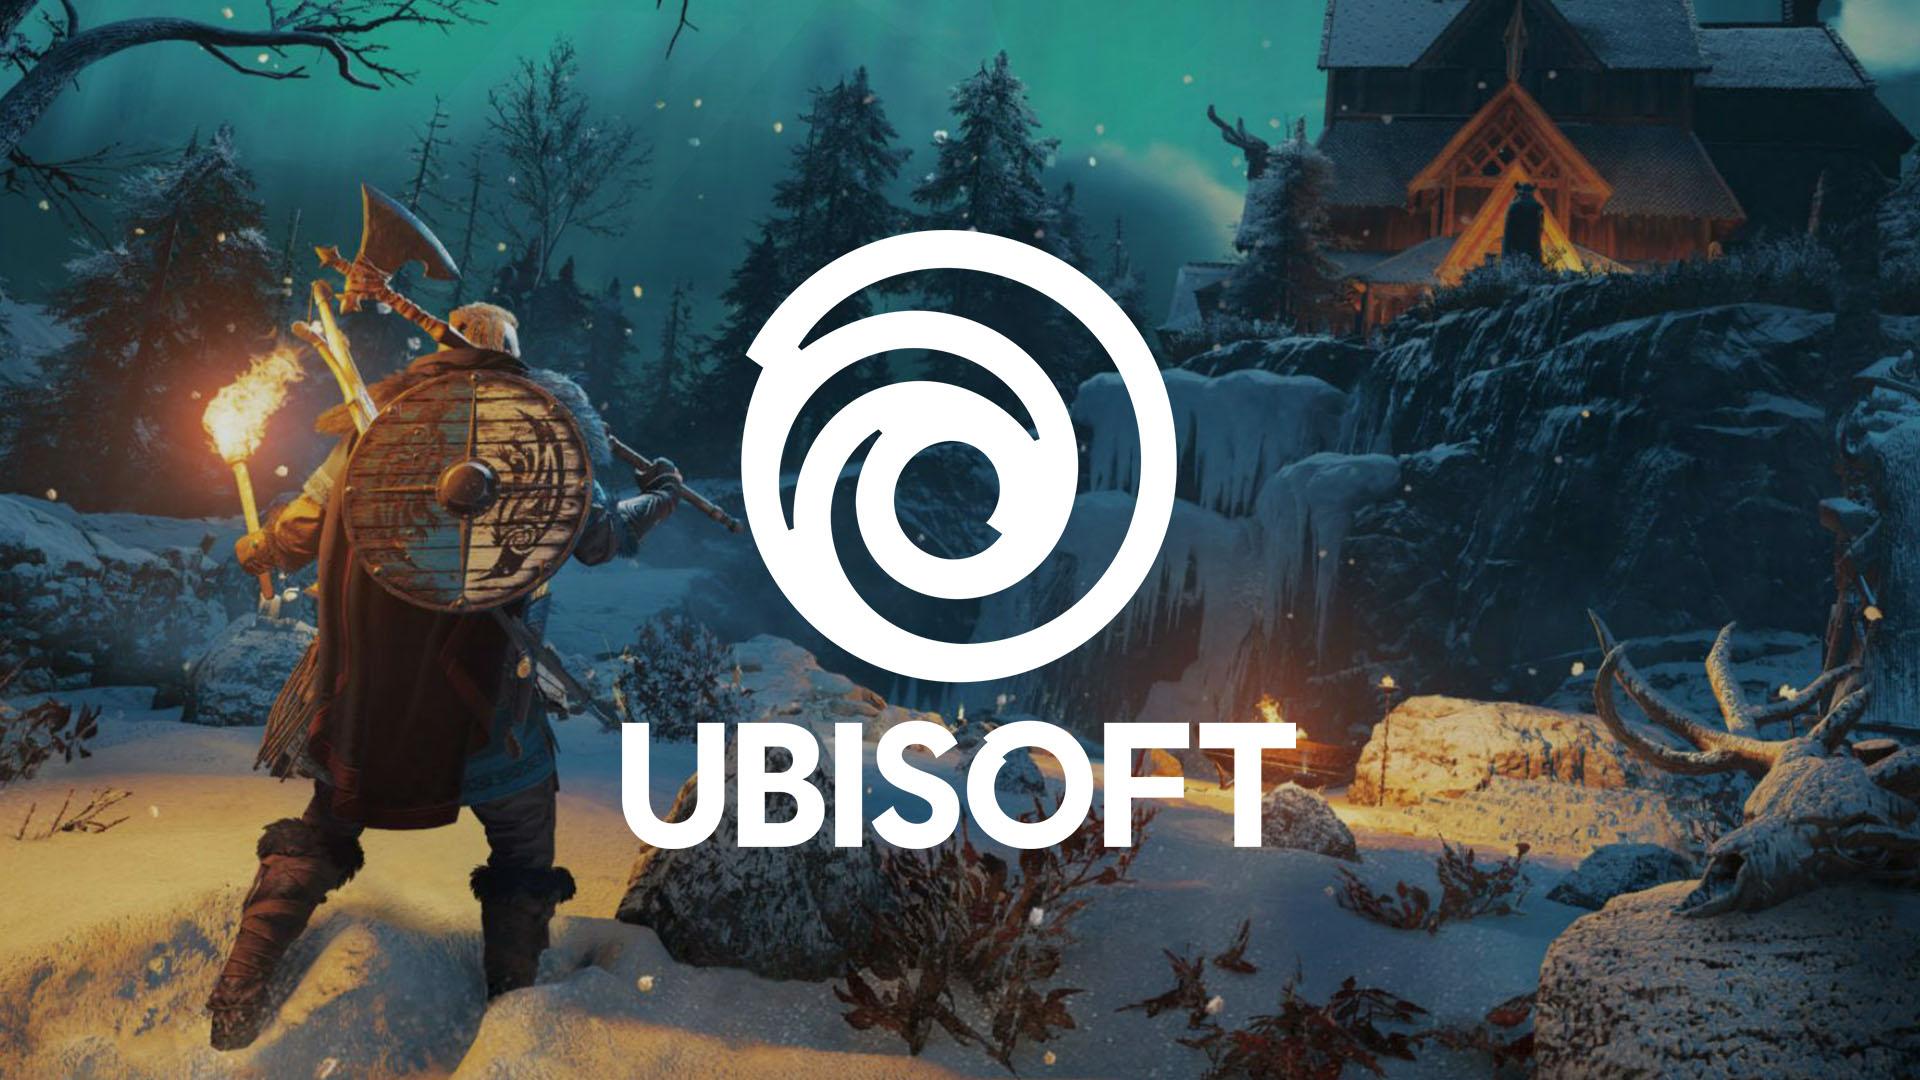 Spiele, Ubisoft, Videospiele, Computerspiele, Publisher, Verleger, Game Publisher, Spiele Publisher